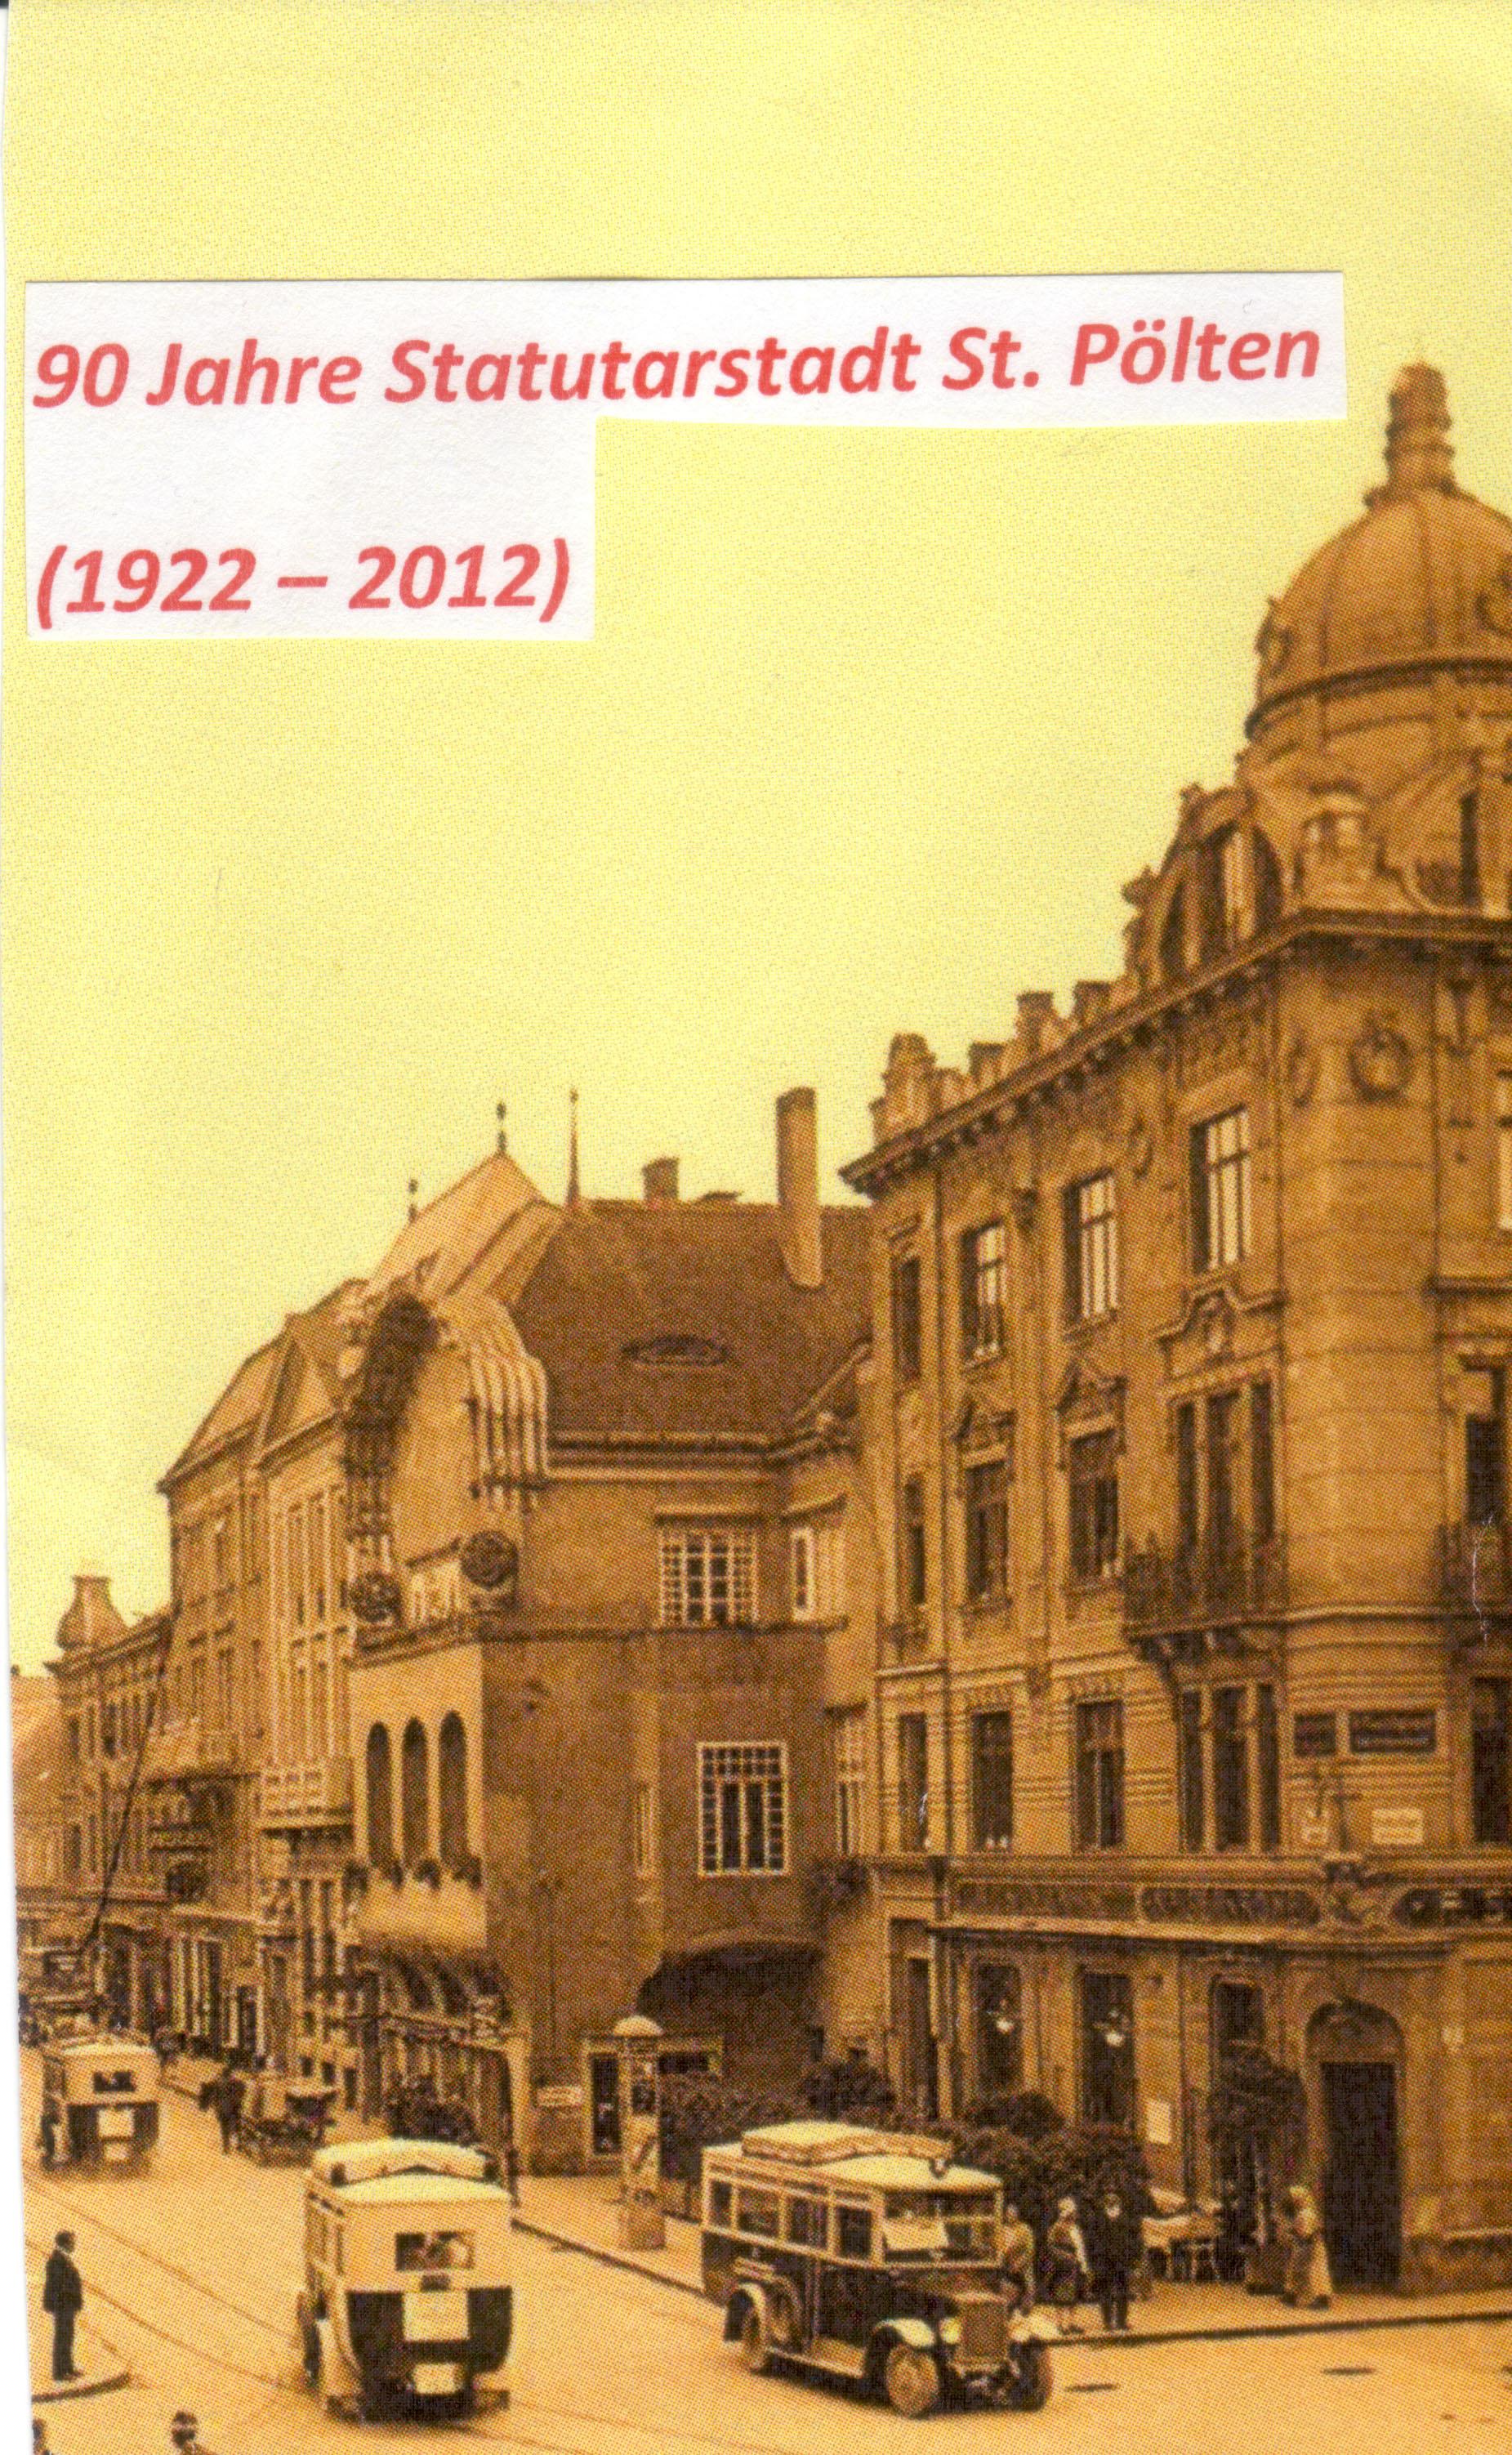 90 Jahre Statutar 2012